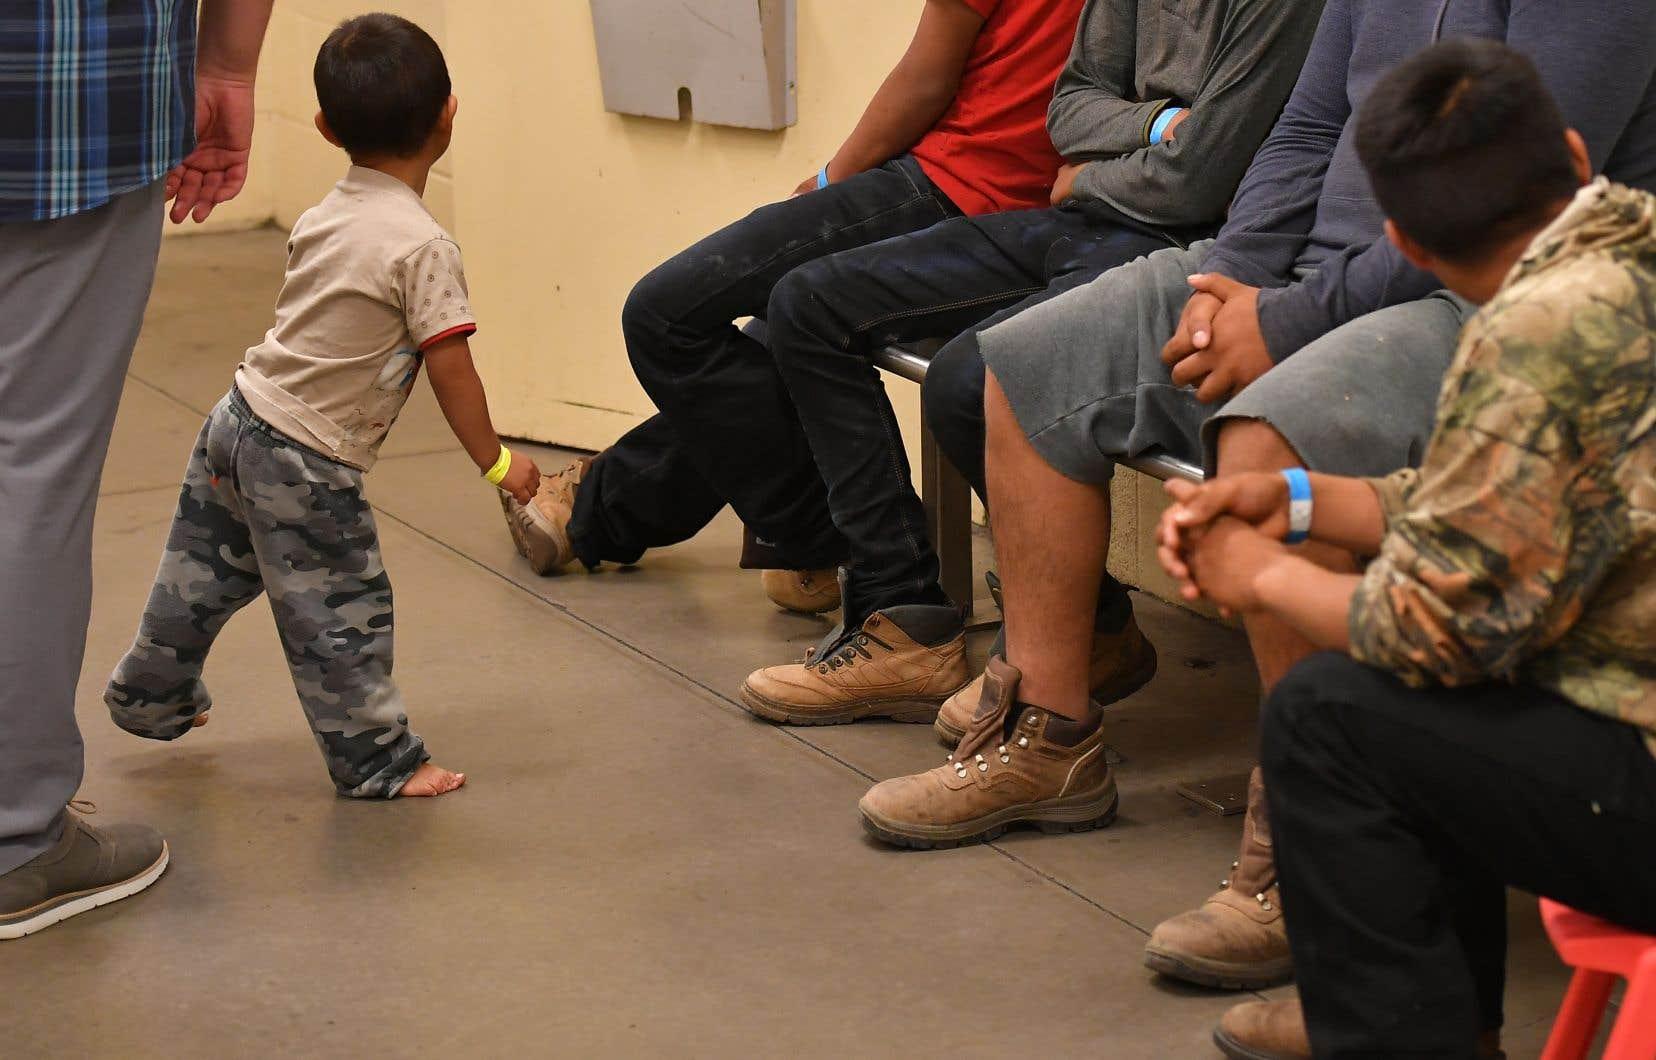 <p>Les autorités américaines ont indiqué chercher des tuteurs appropriés pour les enfants qui restaient détenus.</p>